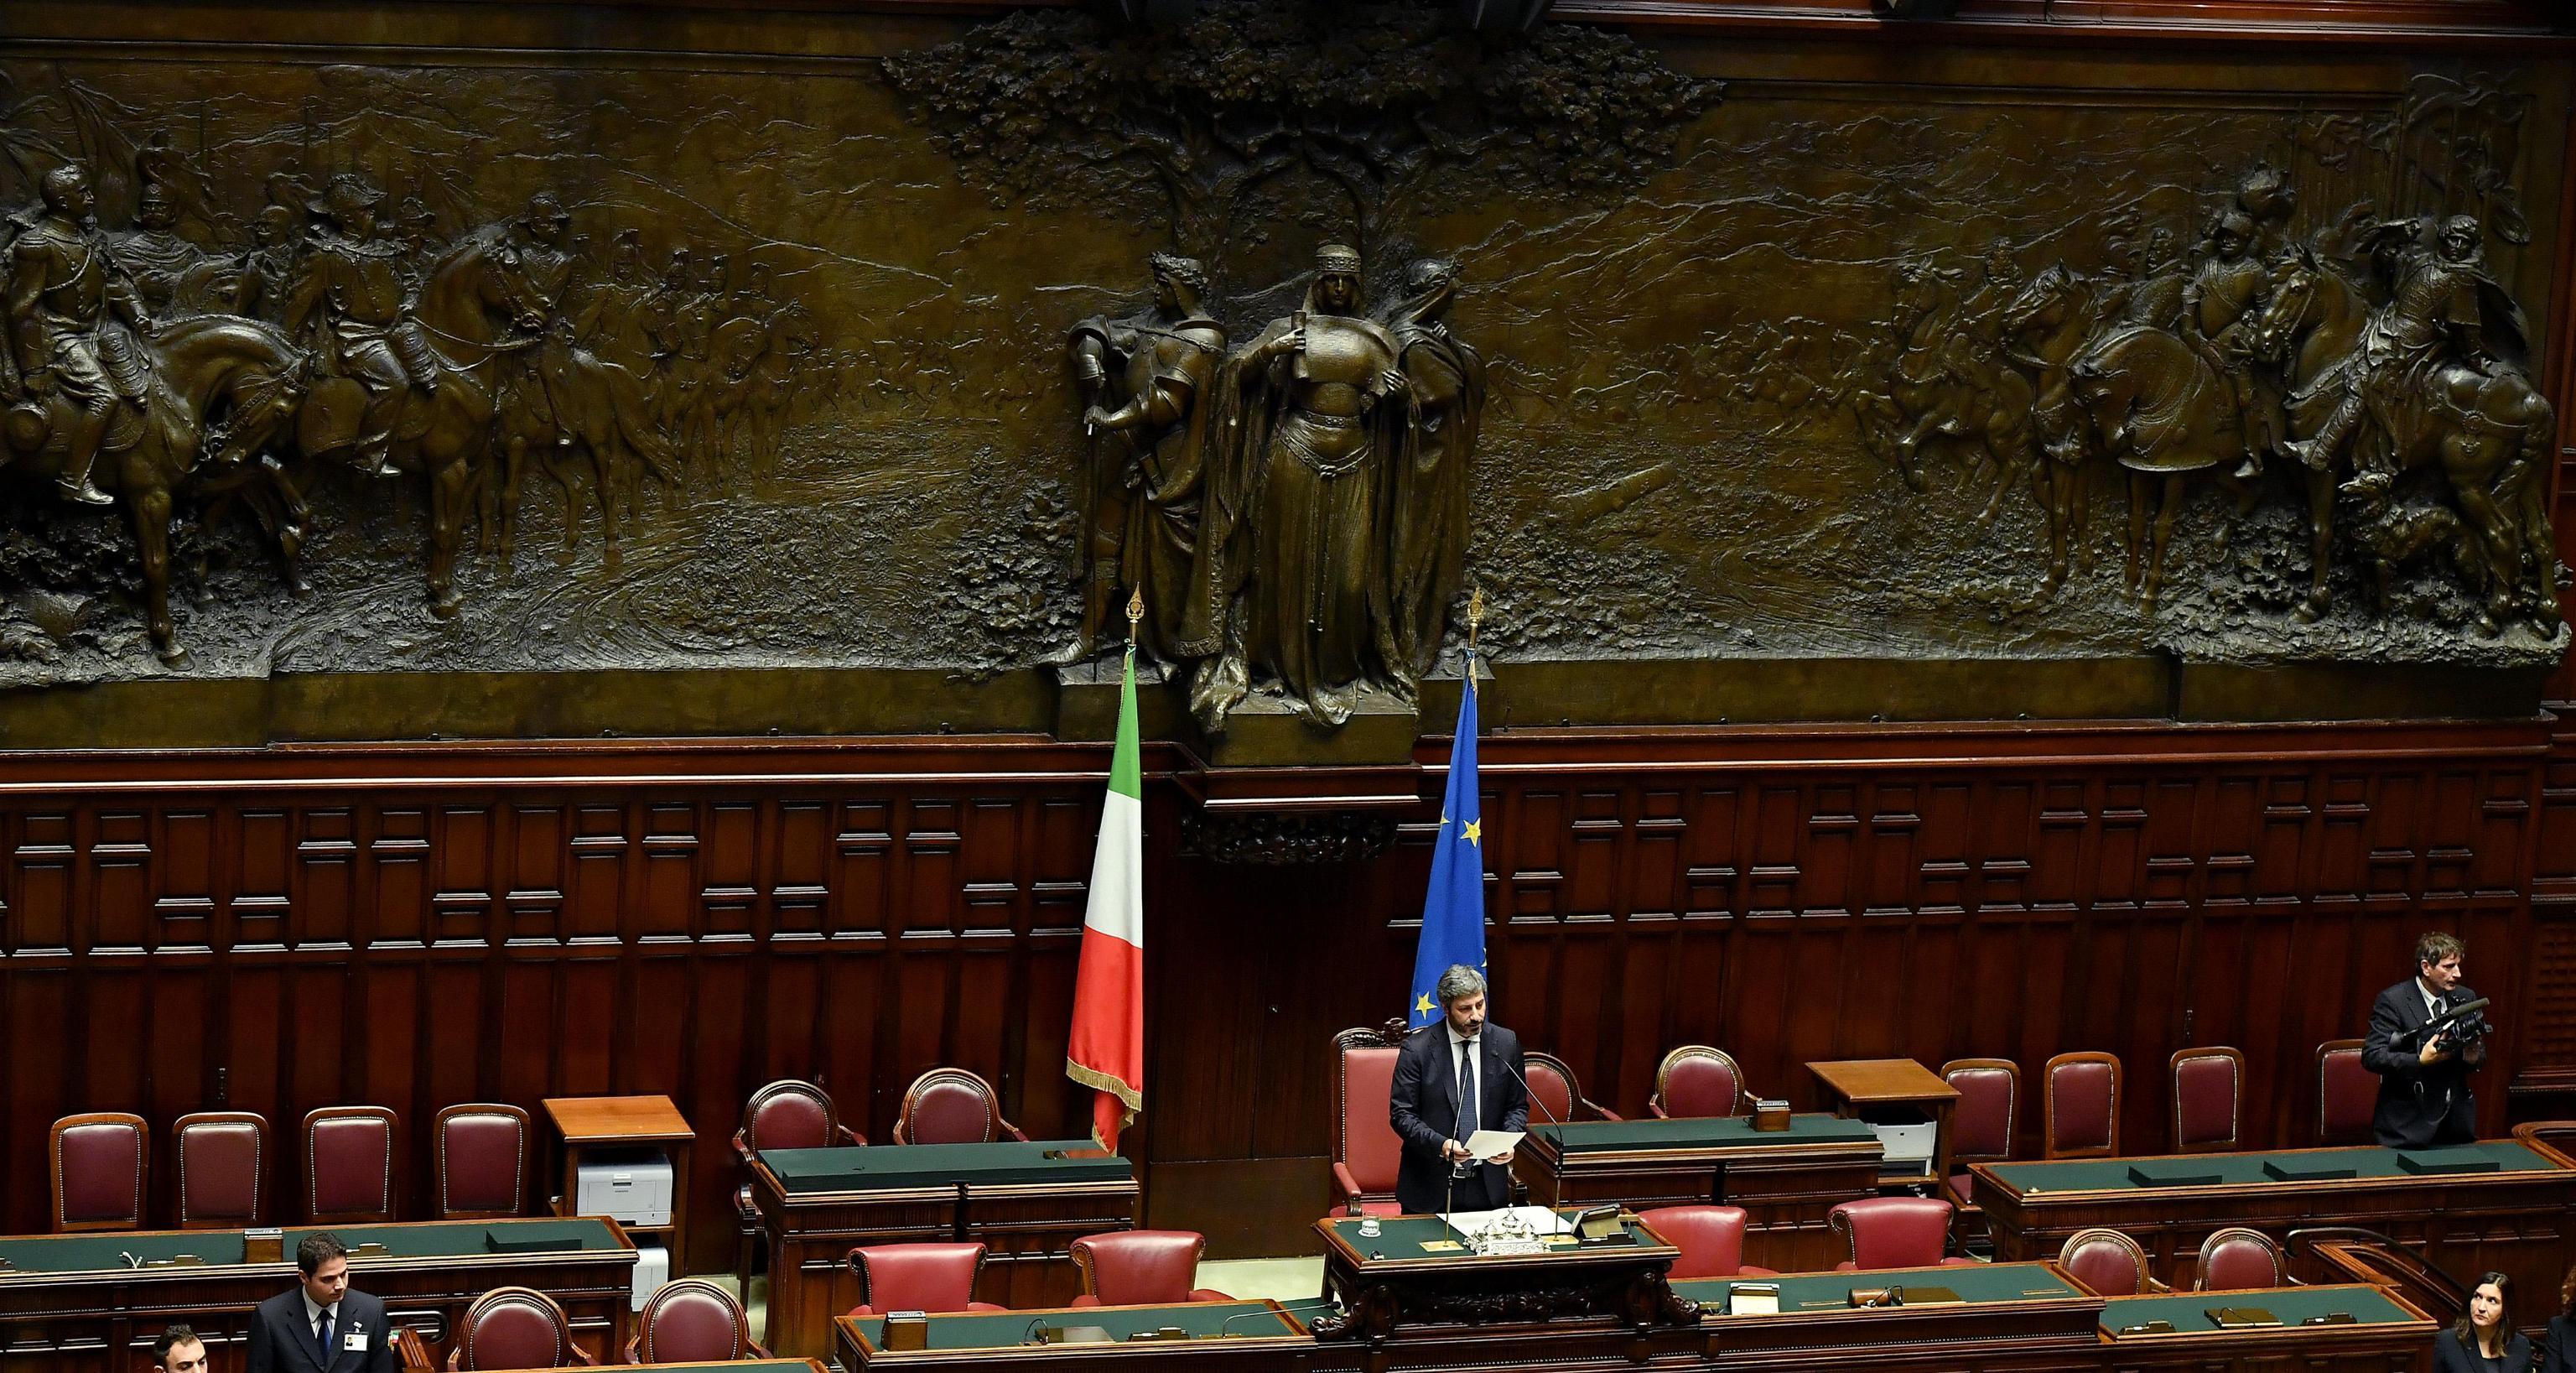 Parlamento egitto fico ingiustificabile virgilio notizie for Notizie parlamento italiano